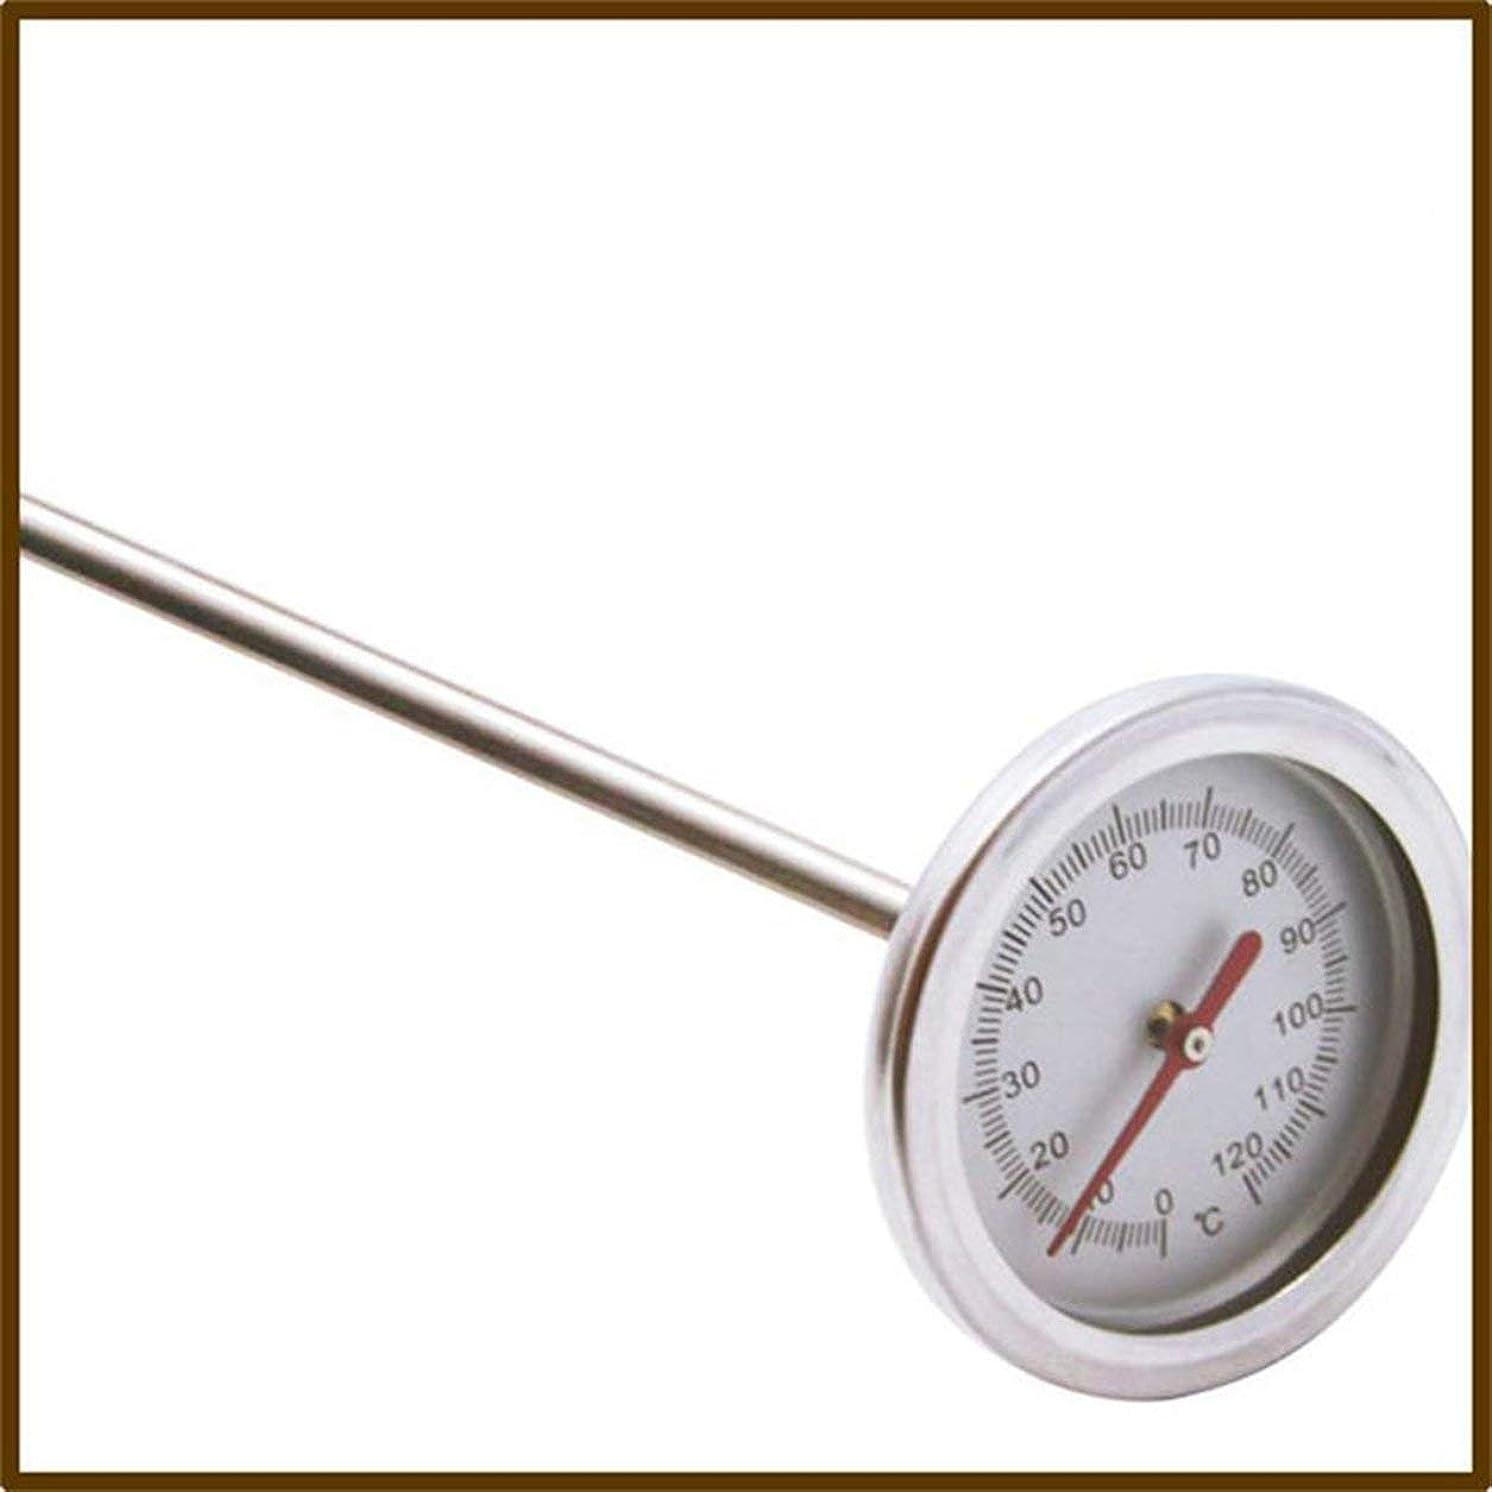 気体のバーマドスカリーSaikogoods 20インチ50cmの長さ 0℃-120℃ 堆肥の土壌温度計 プローブ検出器の測定プレミアム食品グレードステンレススチール メタル 銀